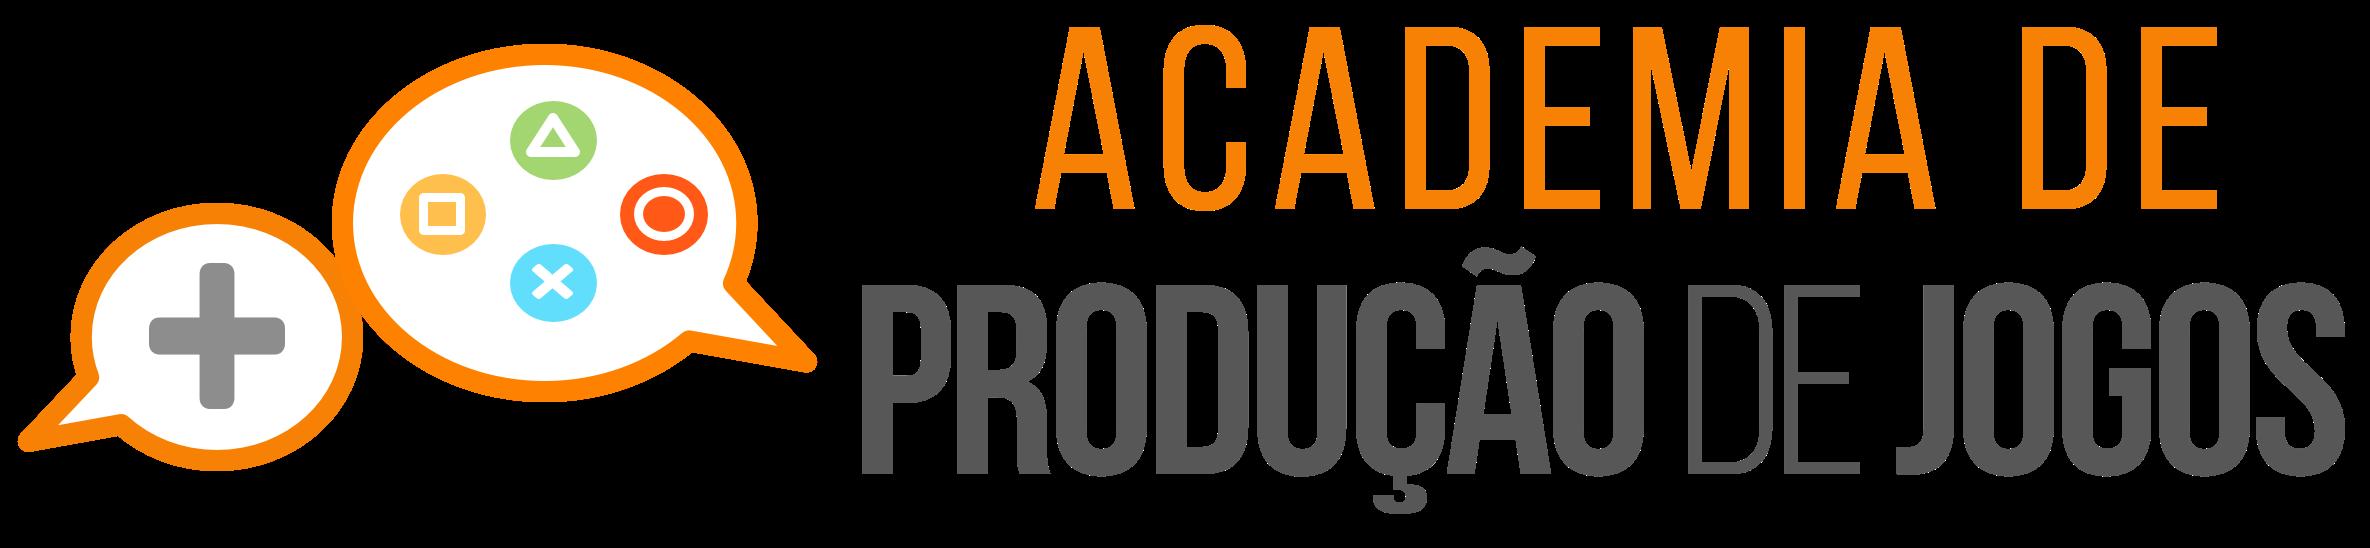 Academia de Produção de Jogos